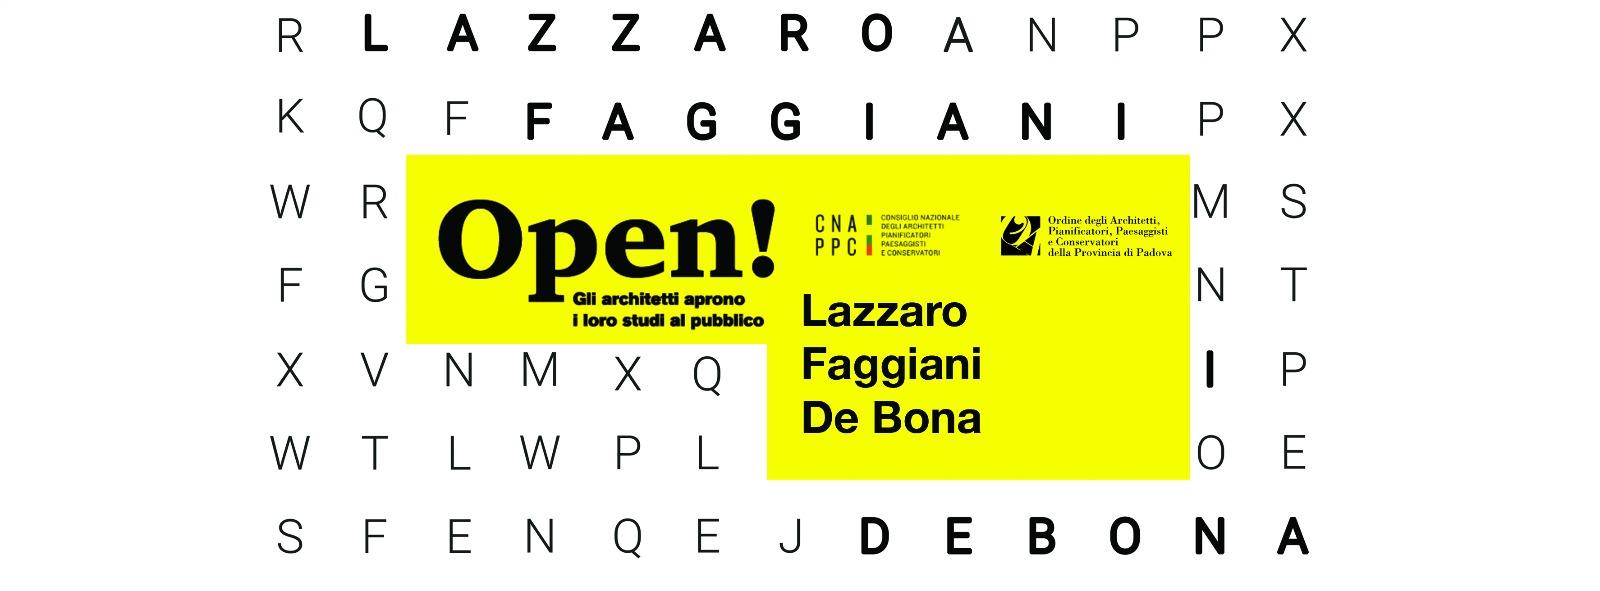 Lazzaro Faggiani De Bona architetti